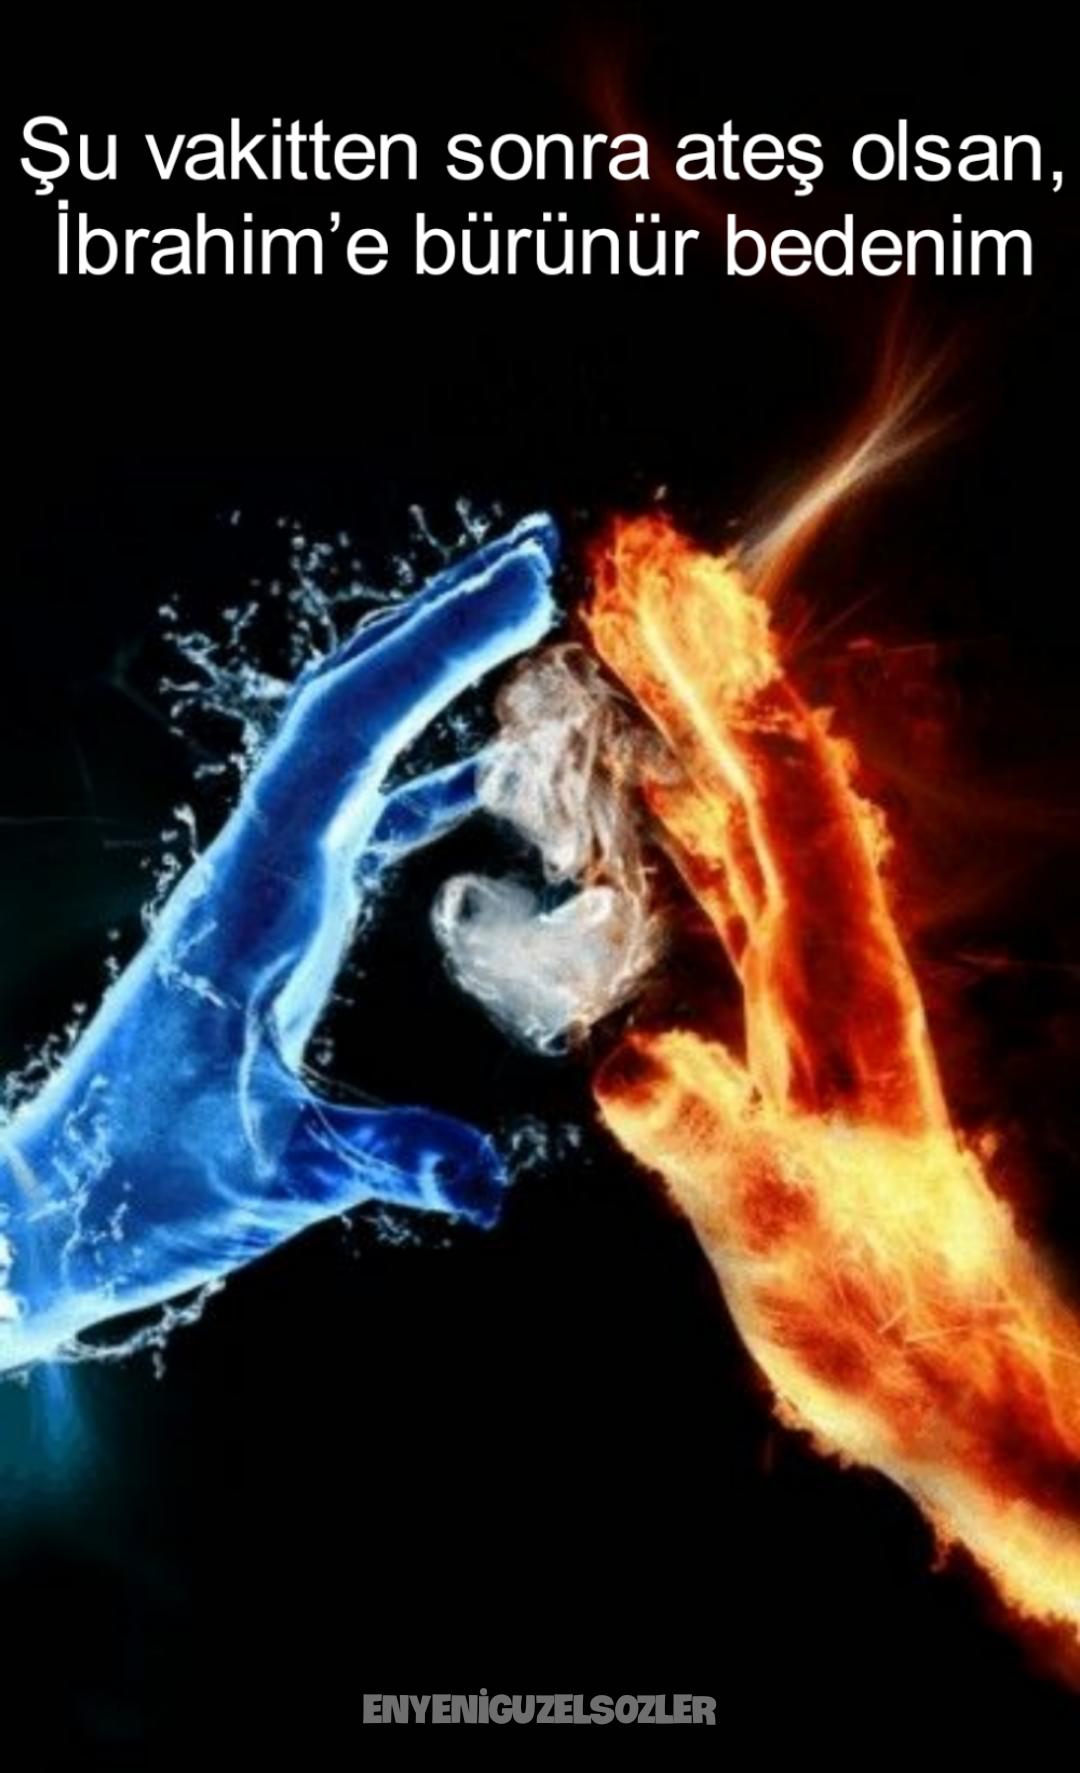 Şu vakitten sonra ateş olsan İbrahime bürünür bedenim. Resimli Duygusal Sözler En Yeni Duygu Yüklü Sözler - Resimli Duygusal Sözler - En Yeni Duygu Yüklü Sözler, resimli-sozler